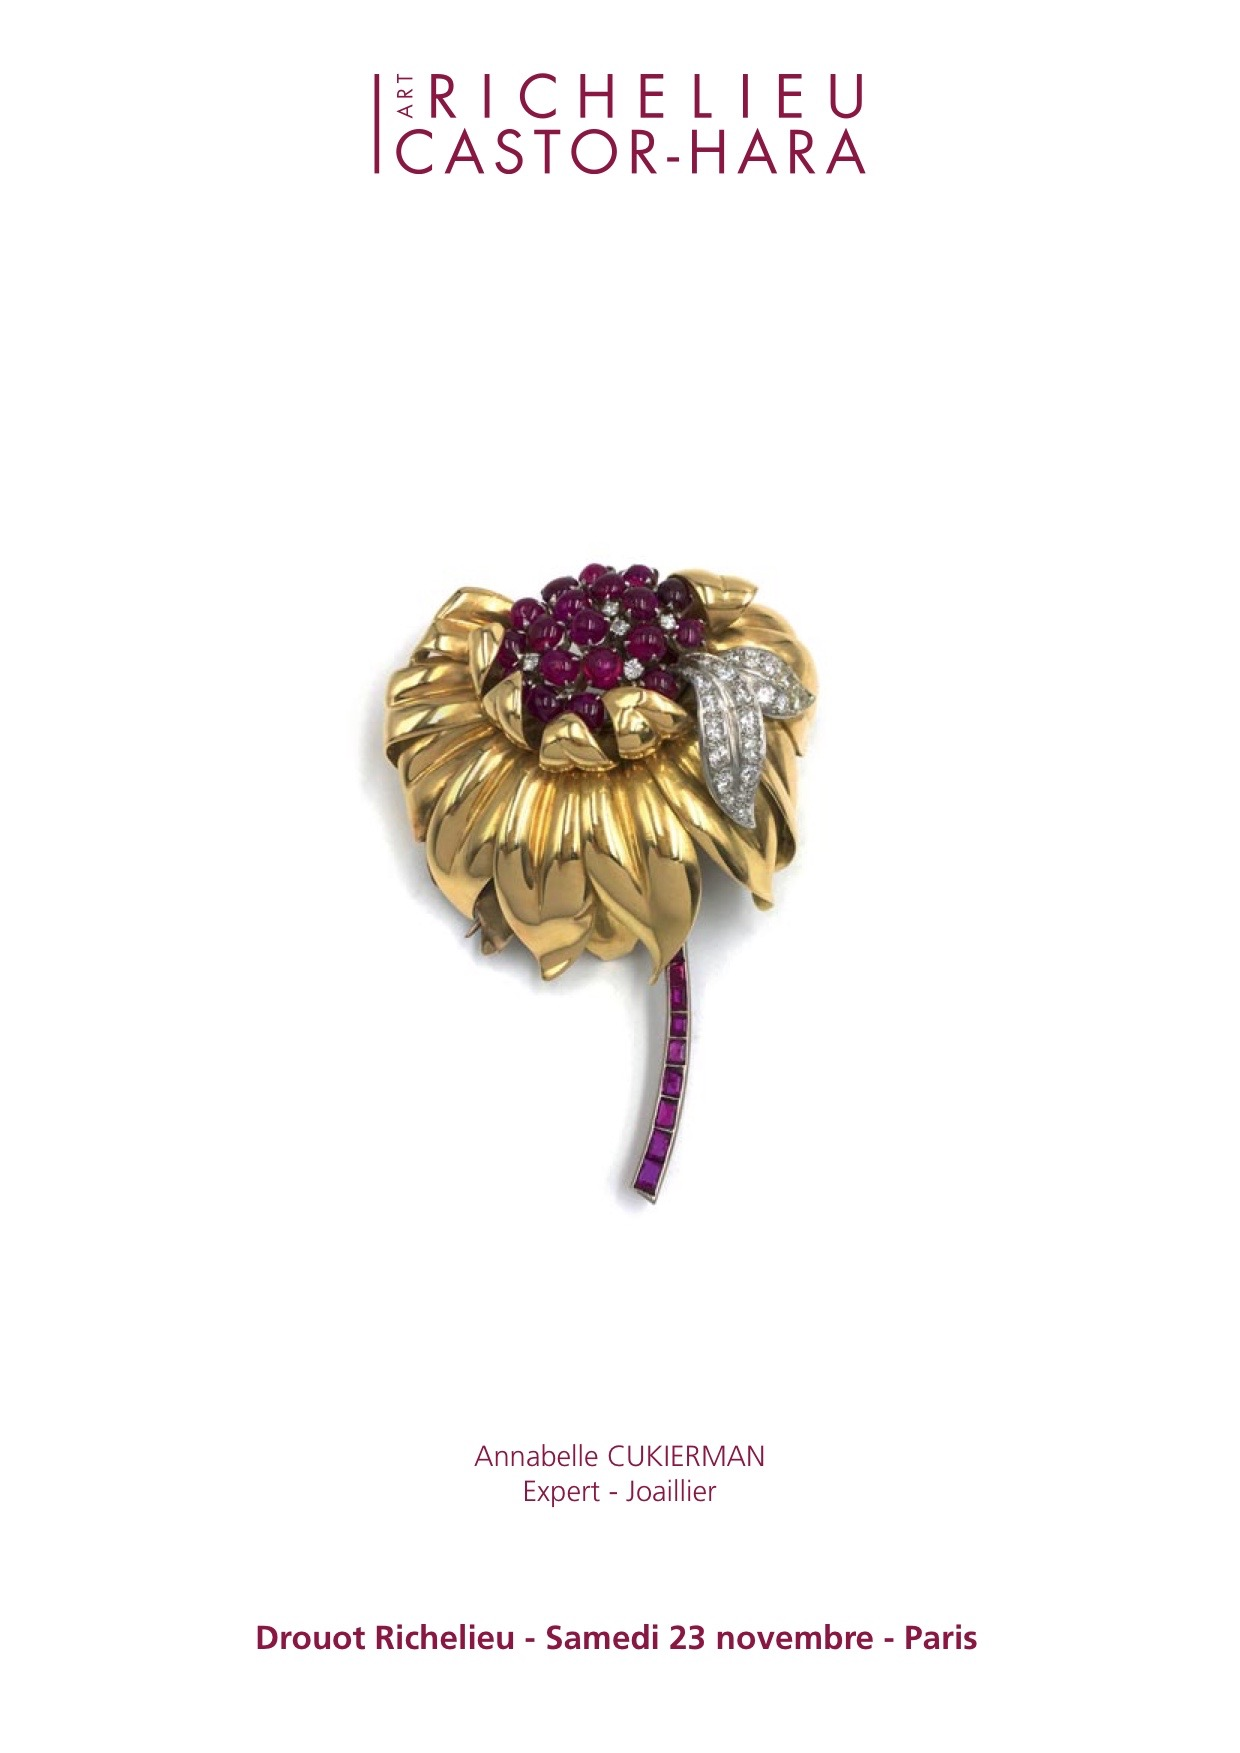 clip de corsage 1950 Expert Cukierman ventes aux encheres jewellery